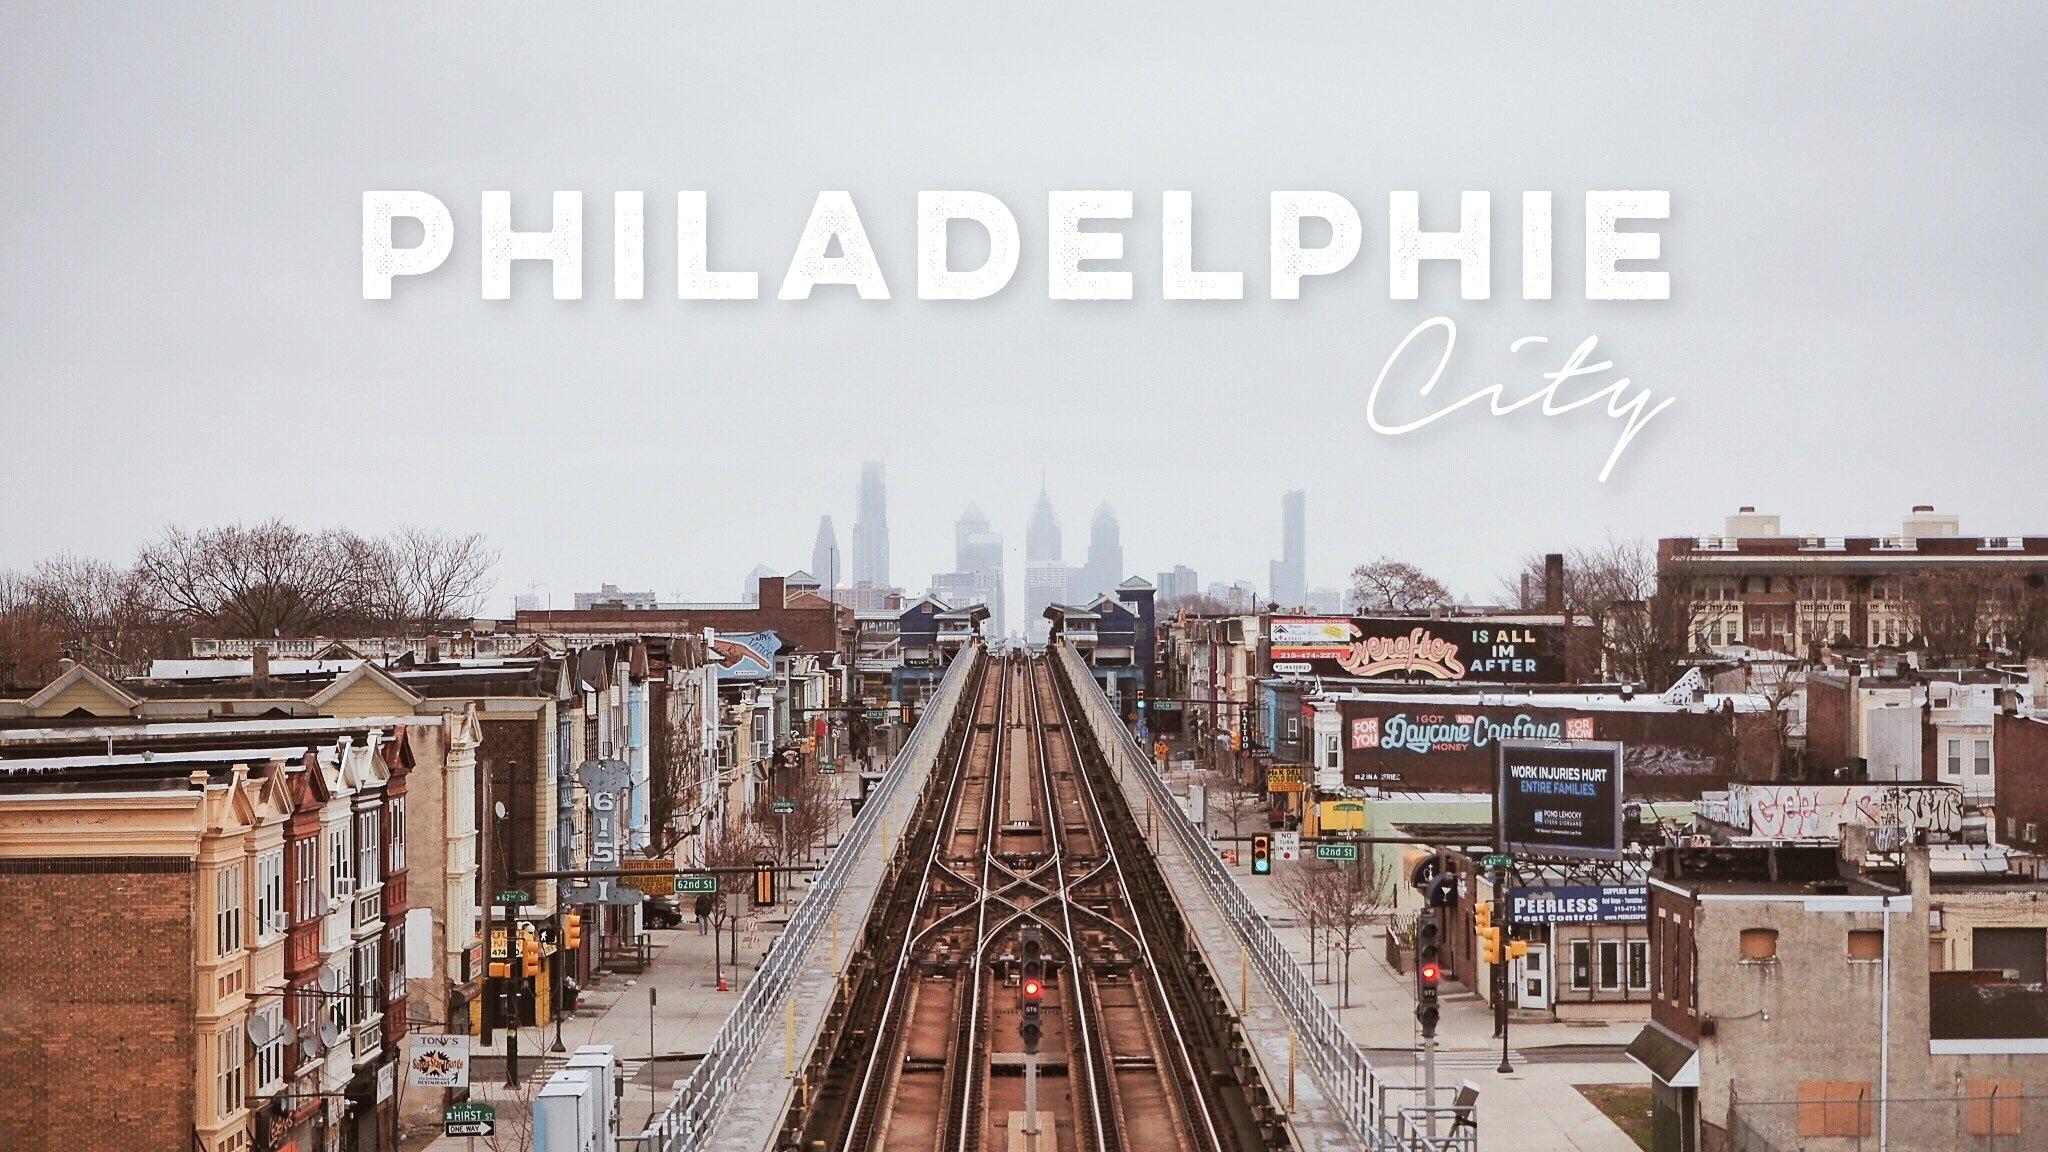 Philadelphie city